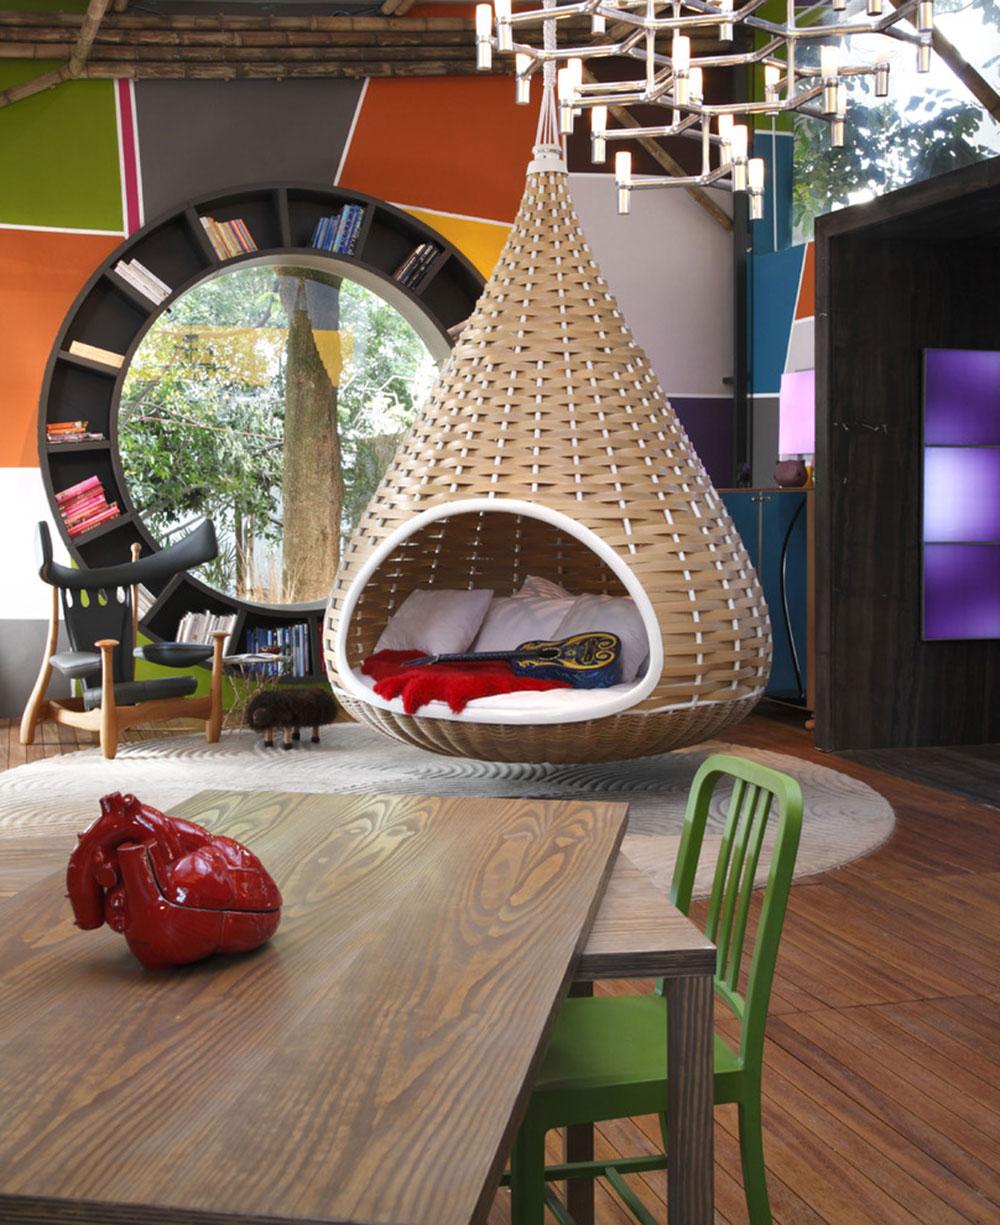 Inomhus- och utomhusstolar för mer komfort1 Inomhus- och utomhusstolar för mer komfort